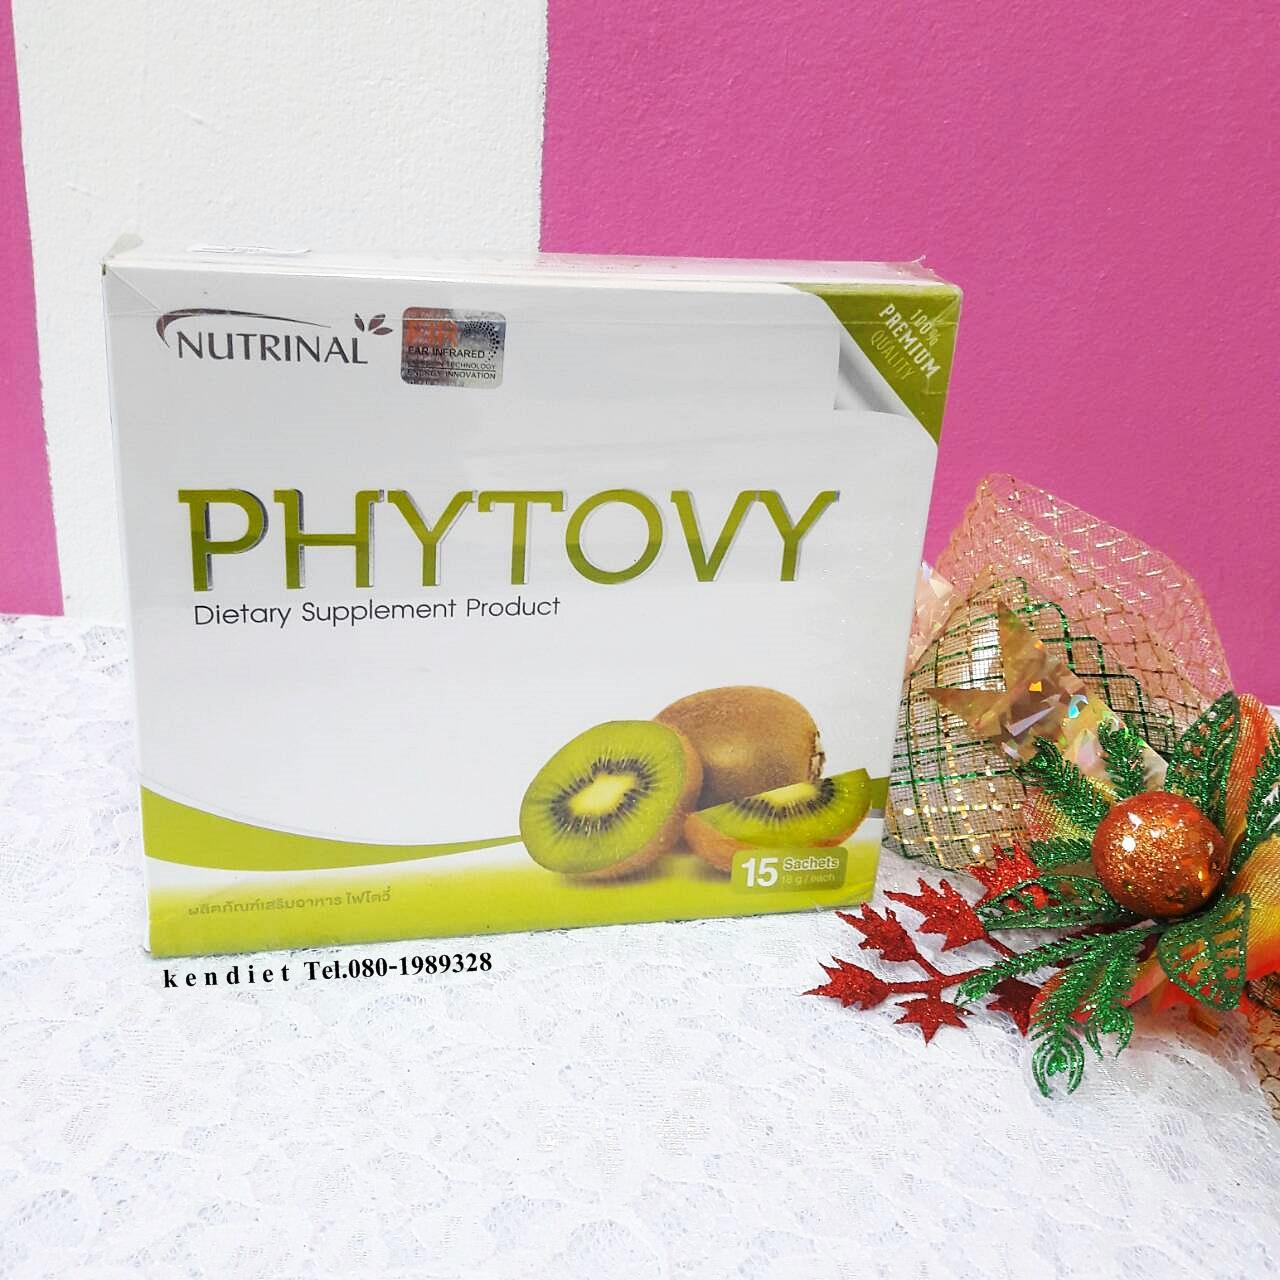 Phytovy ผลิตภัณฑ์เสริมอาหารไฟโตวี่ ดีท็อกซ์ลำไส้ ดื่มง่าย อร่อย ผลลัพธ์ดี 790 บาท